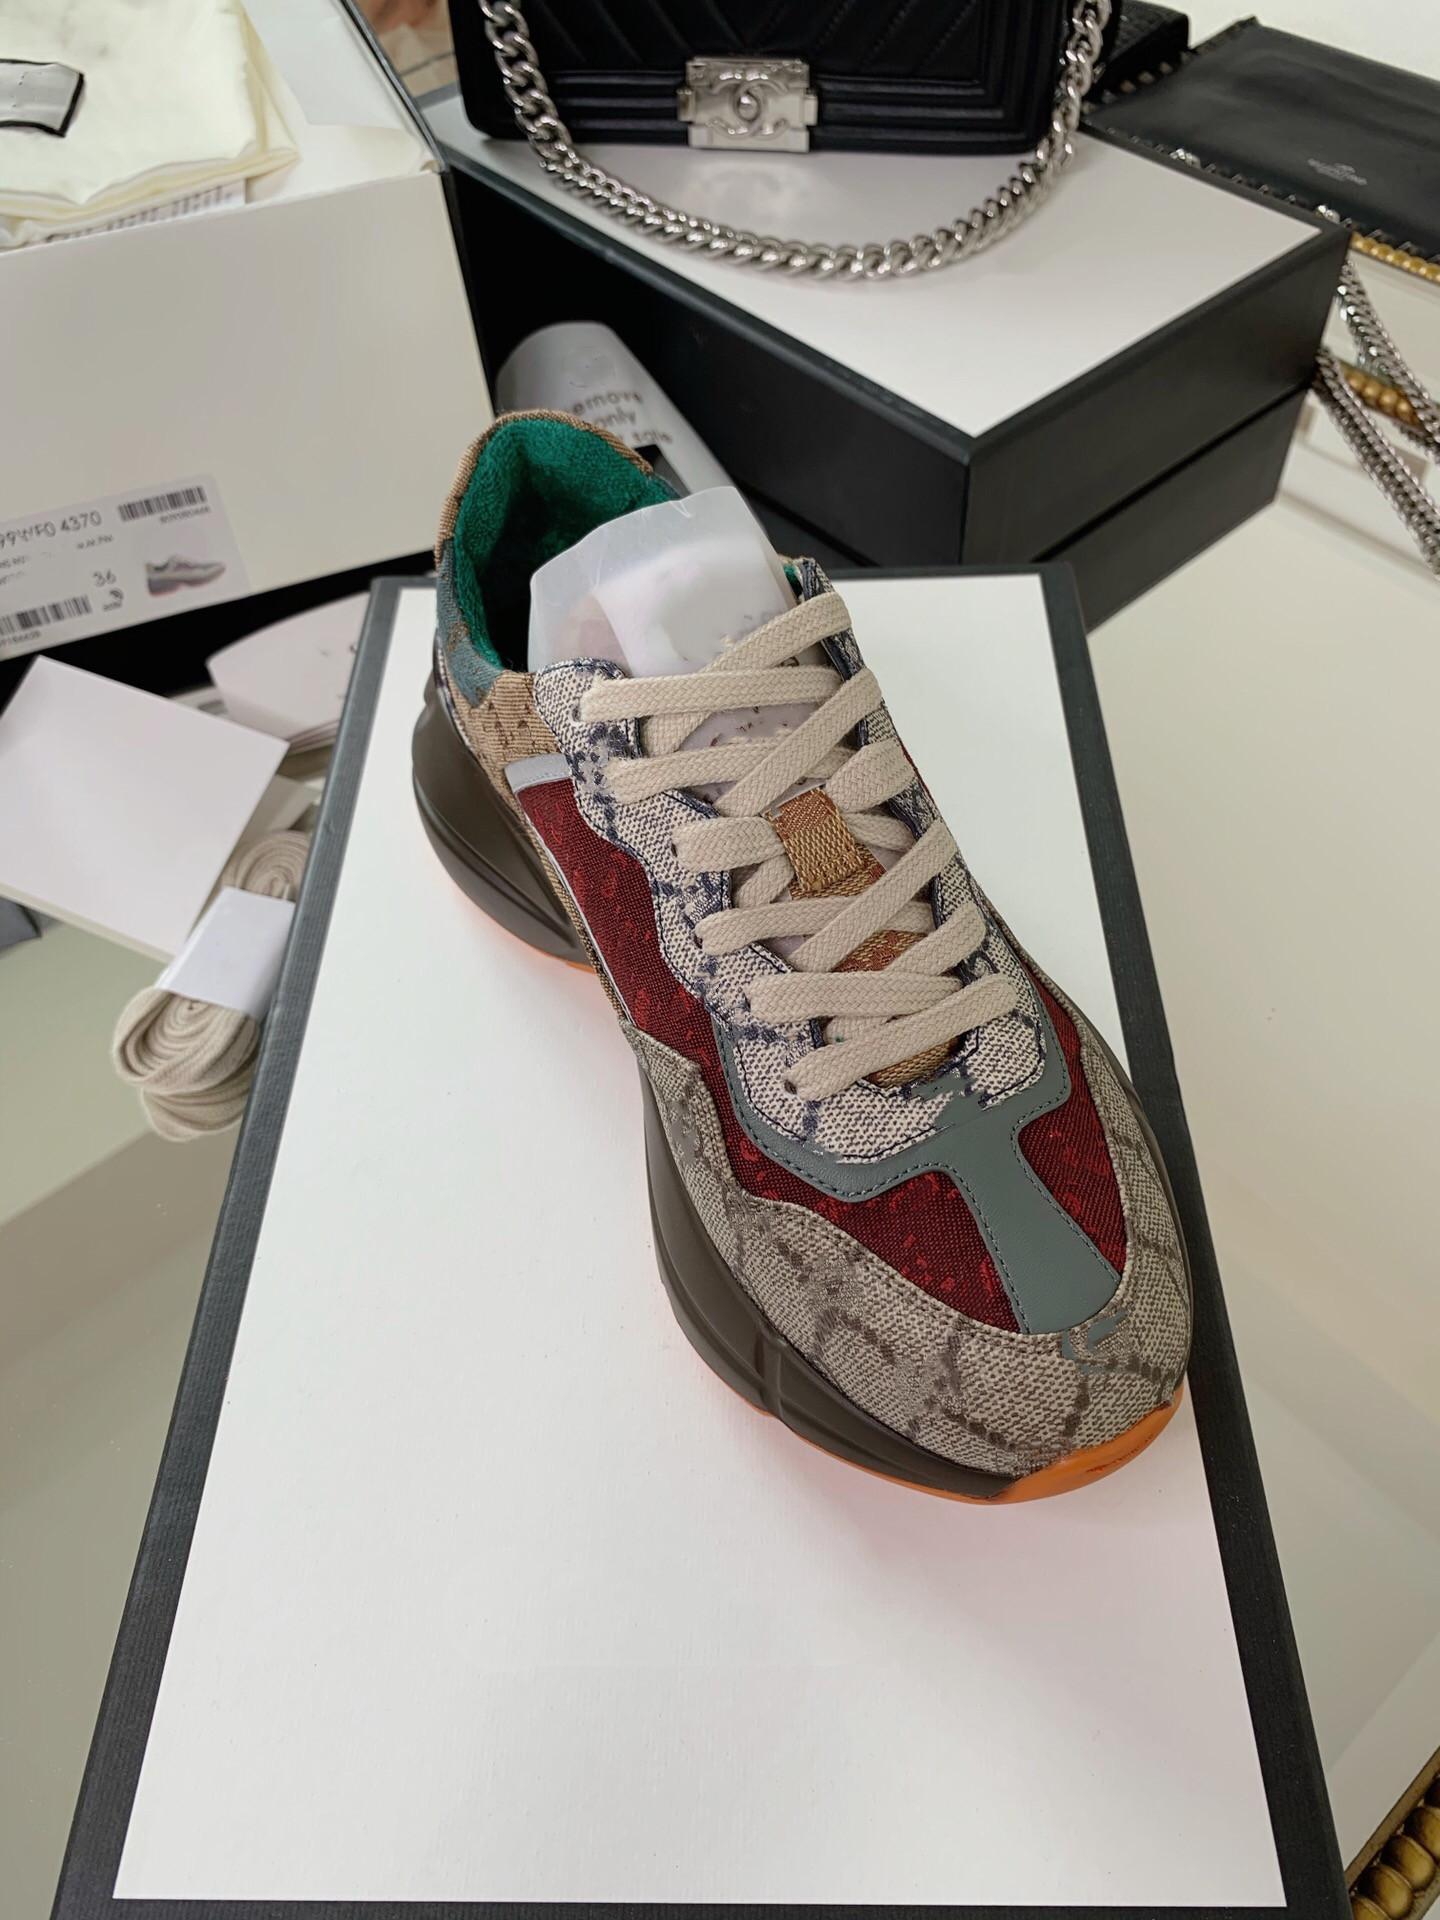 أحذية الأطفالGucci casual shoes  Flashtrek Luxe Mens and Womens أحذية رياضية مع نسيج عاكس. 2021 SS Collection أحدث الكاحانات الأصلية مطابقة التعبئة